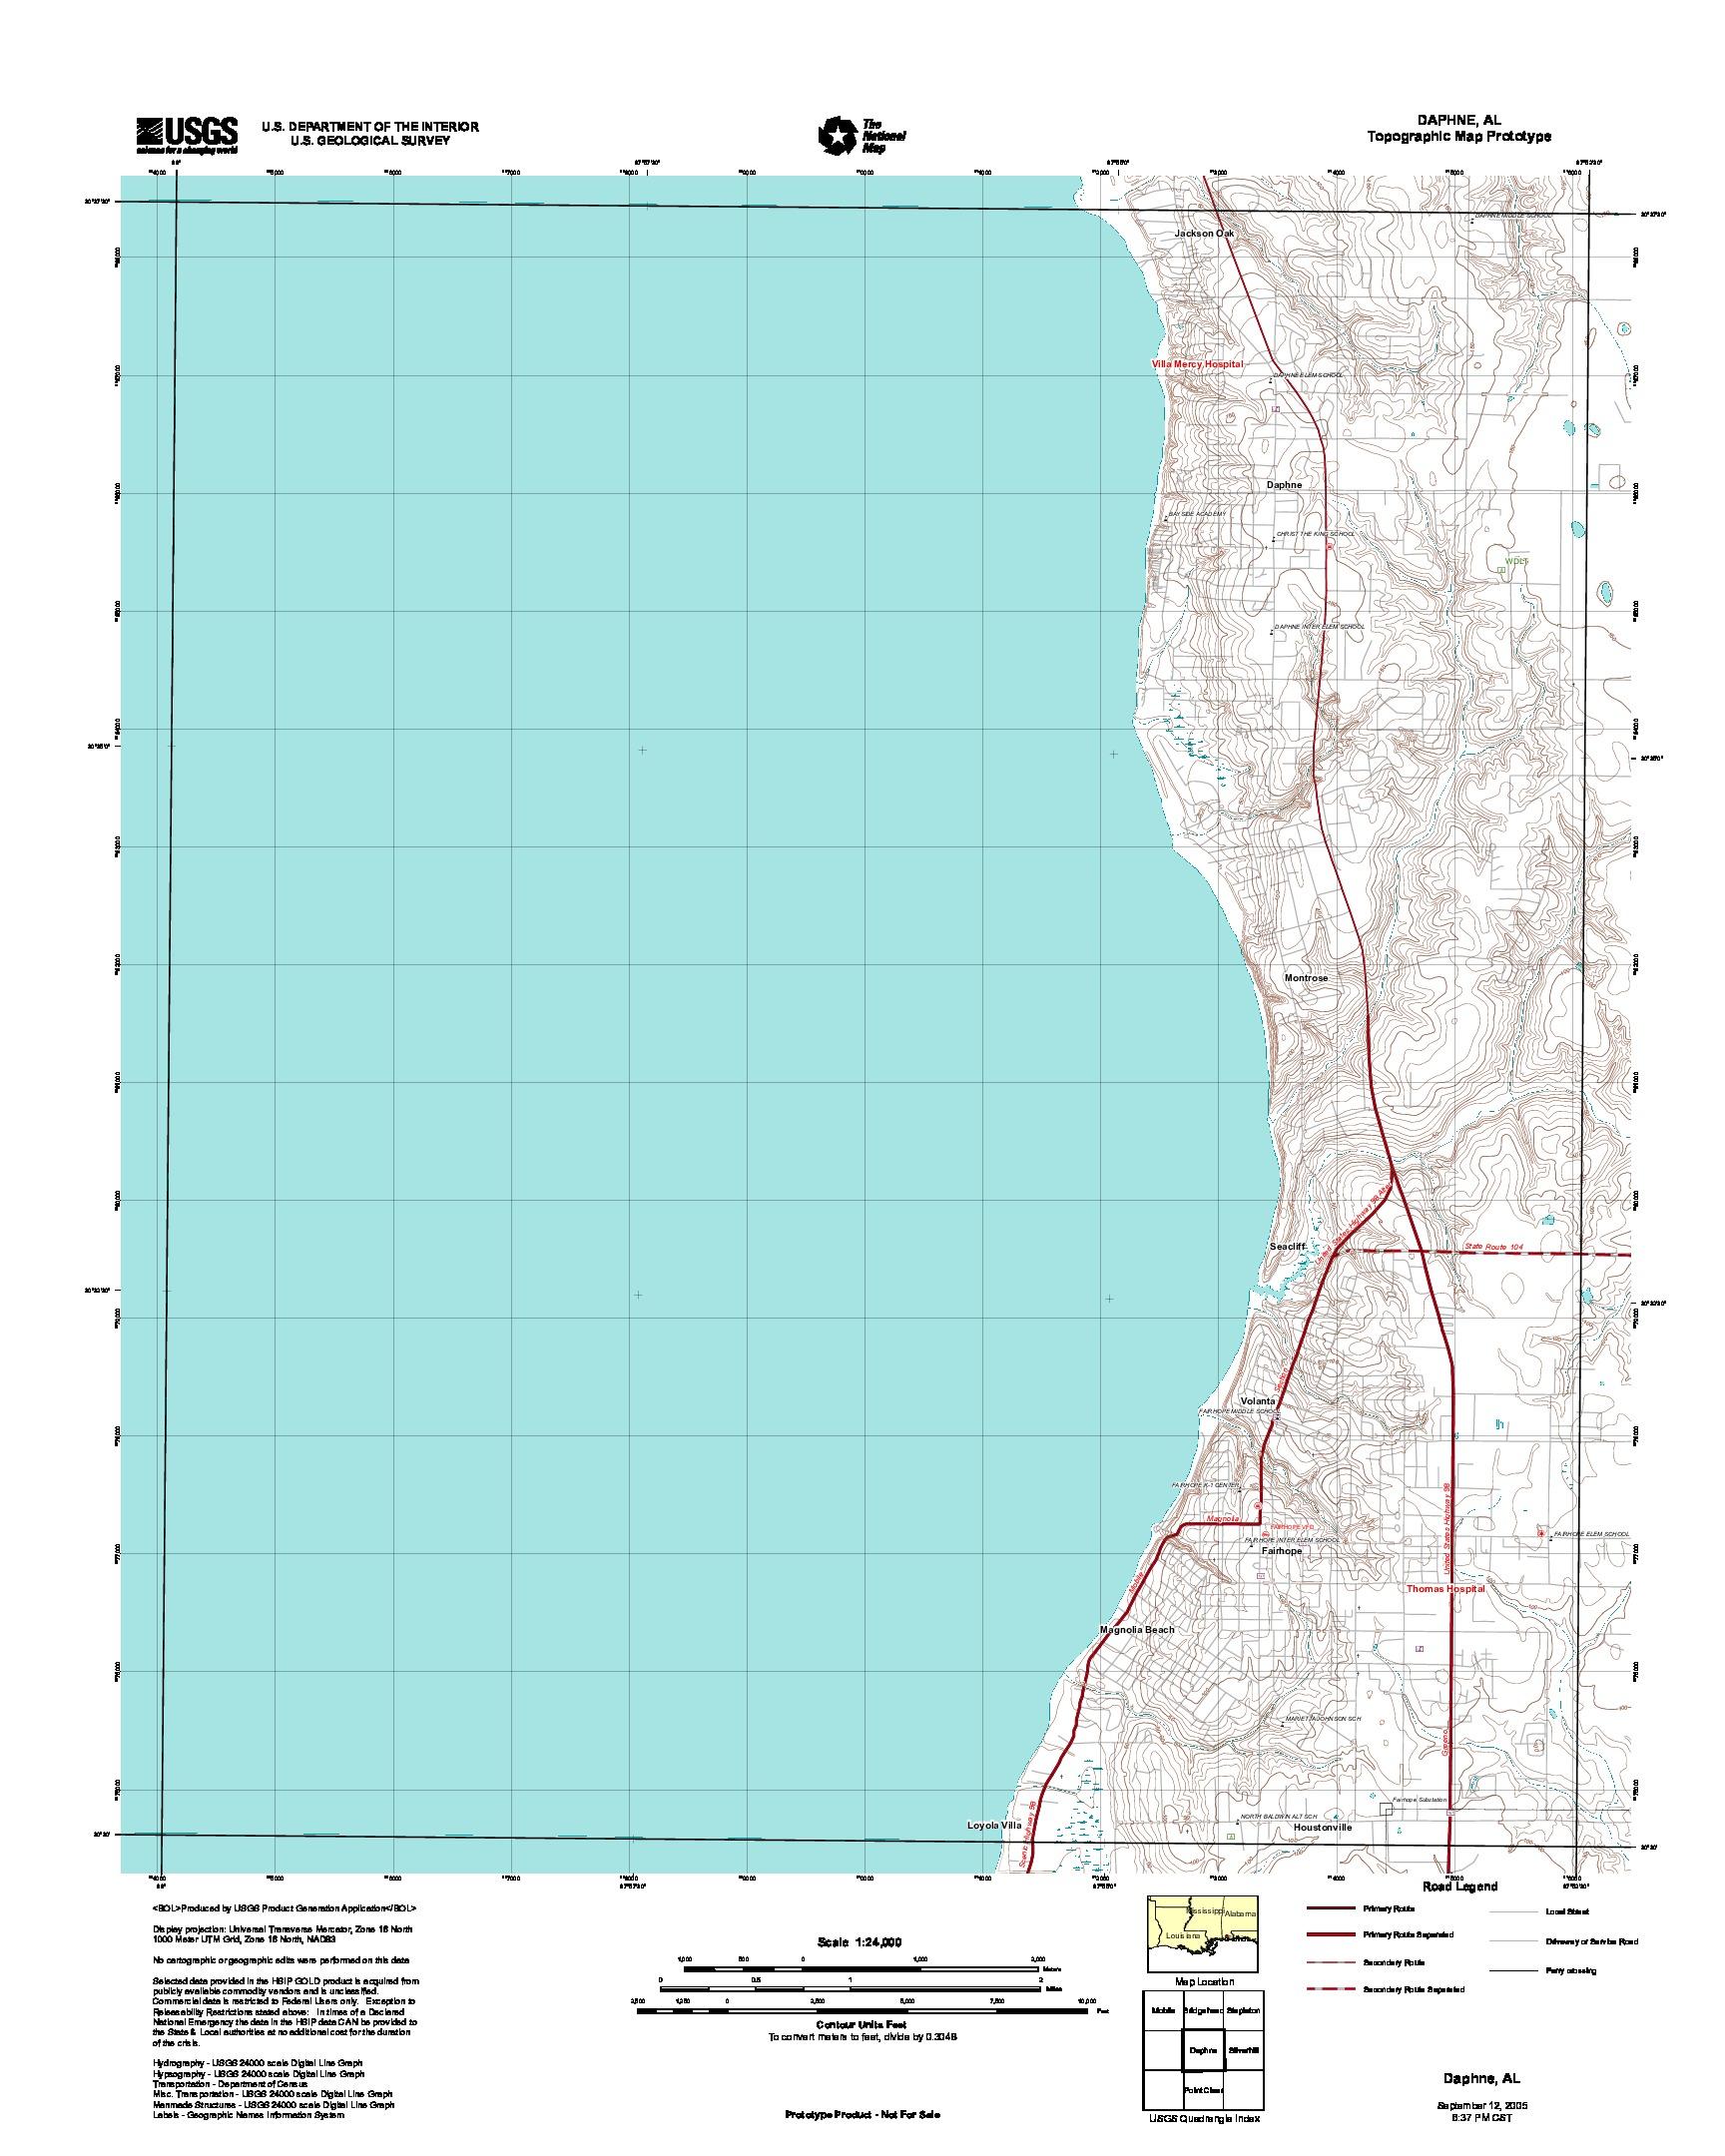 Daphne, Topographic Map Prototype, Alabama, United States, September 12, 2005